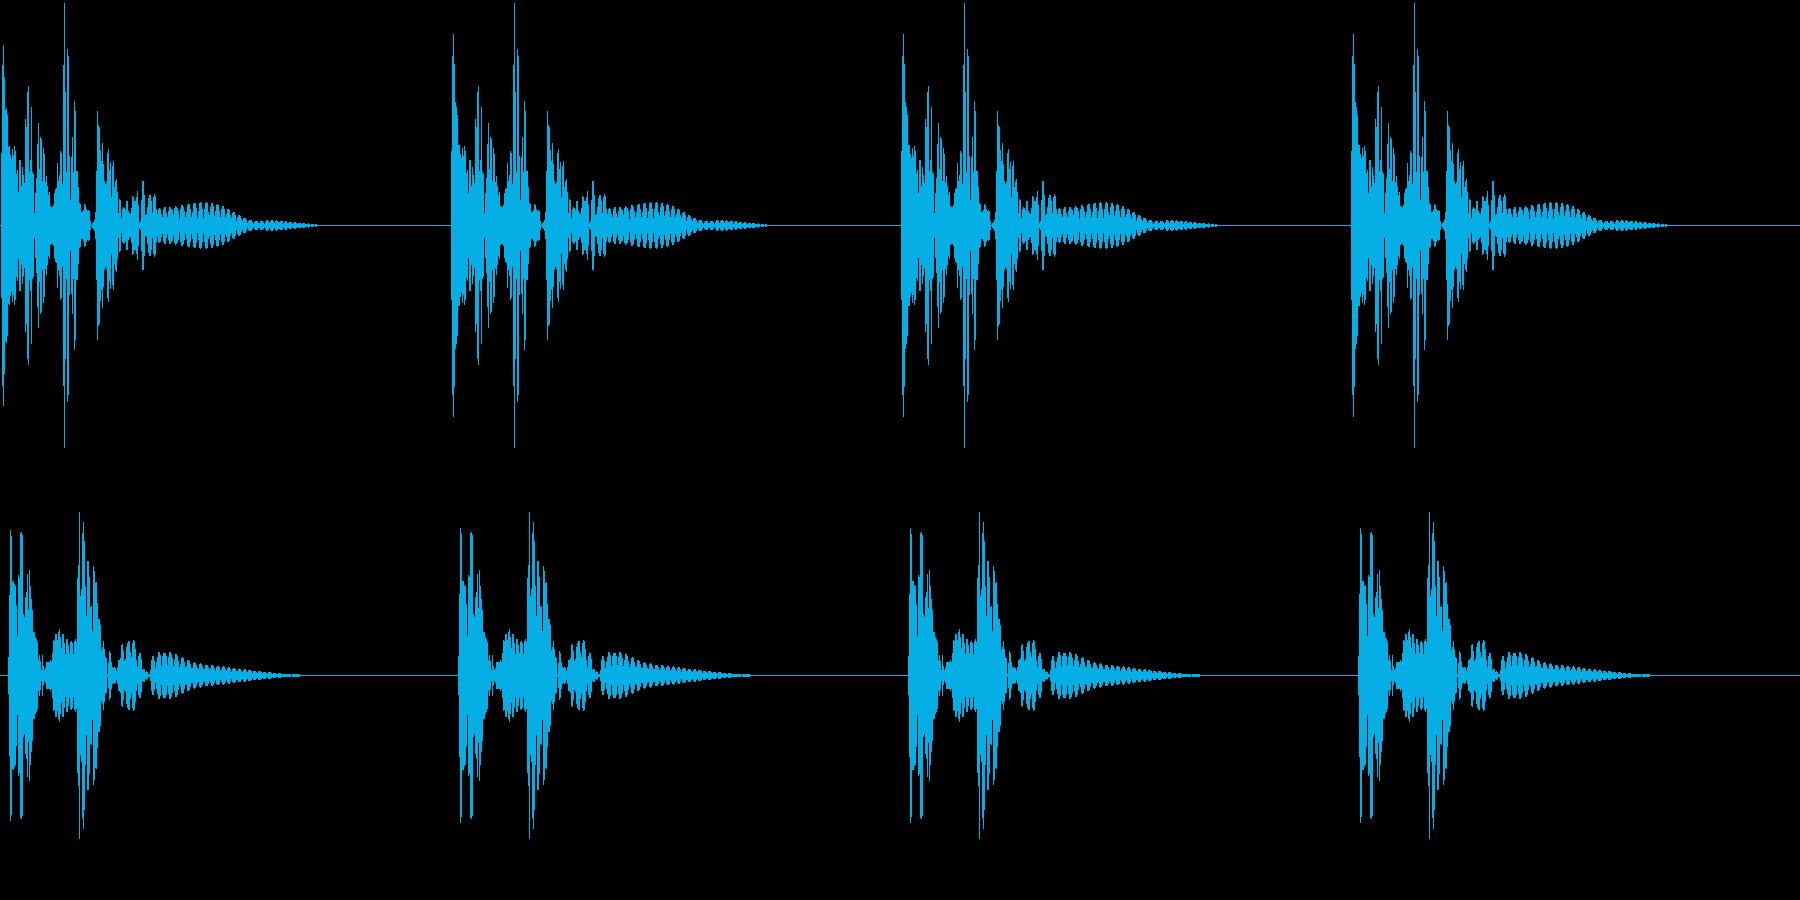 HeartBeat 心臓の音 7 ループの再生済みの波形